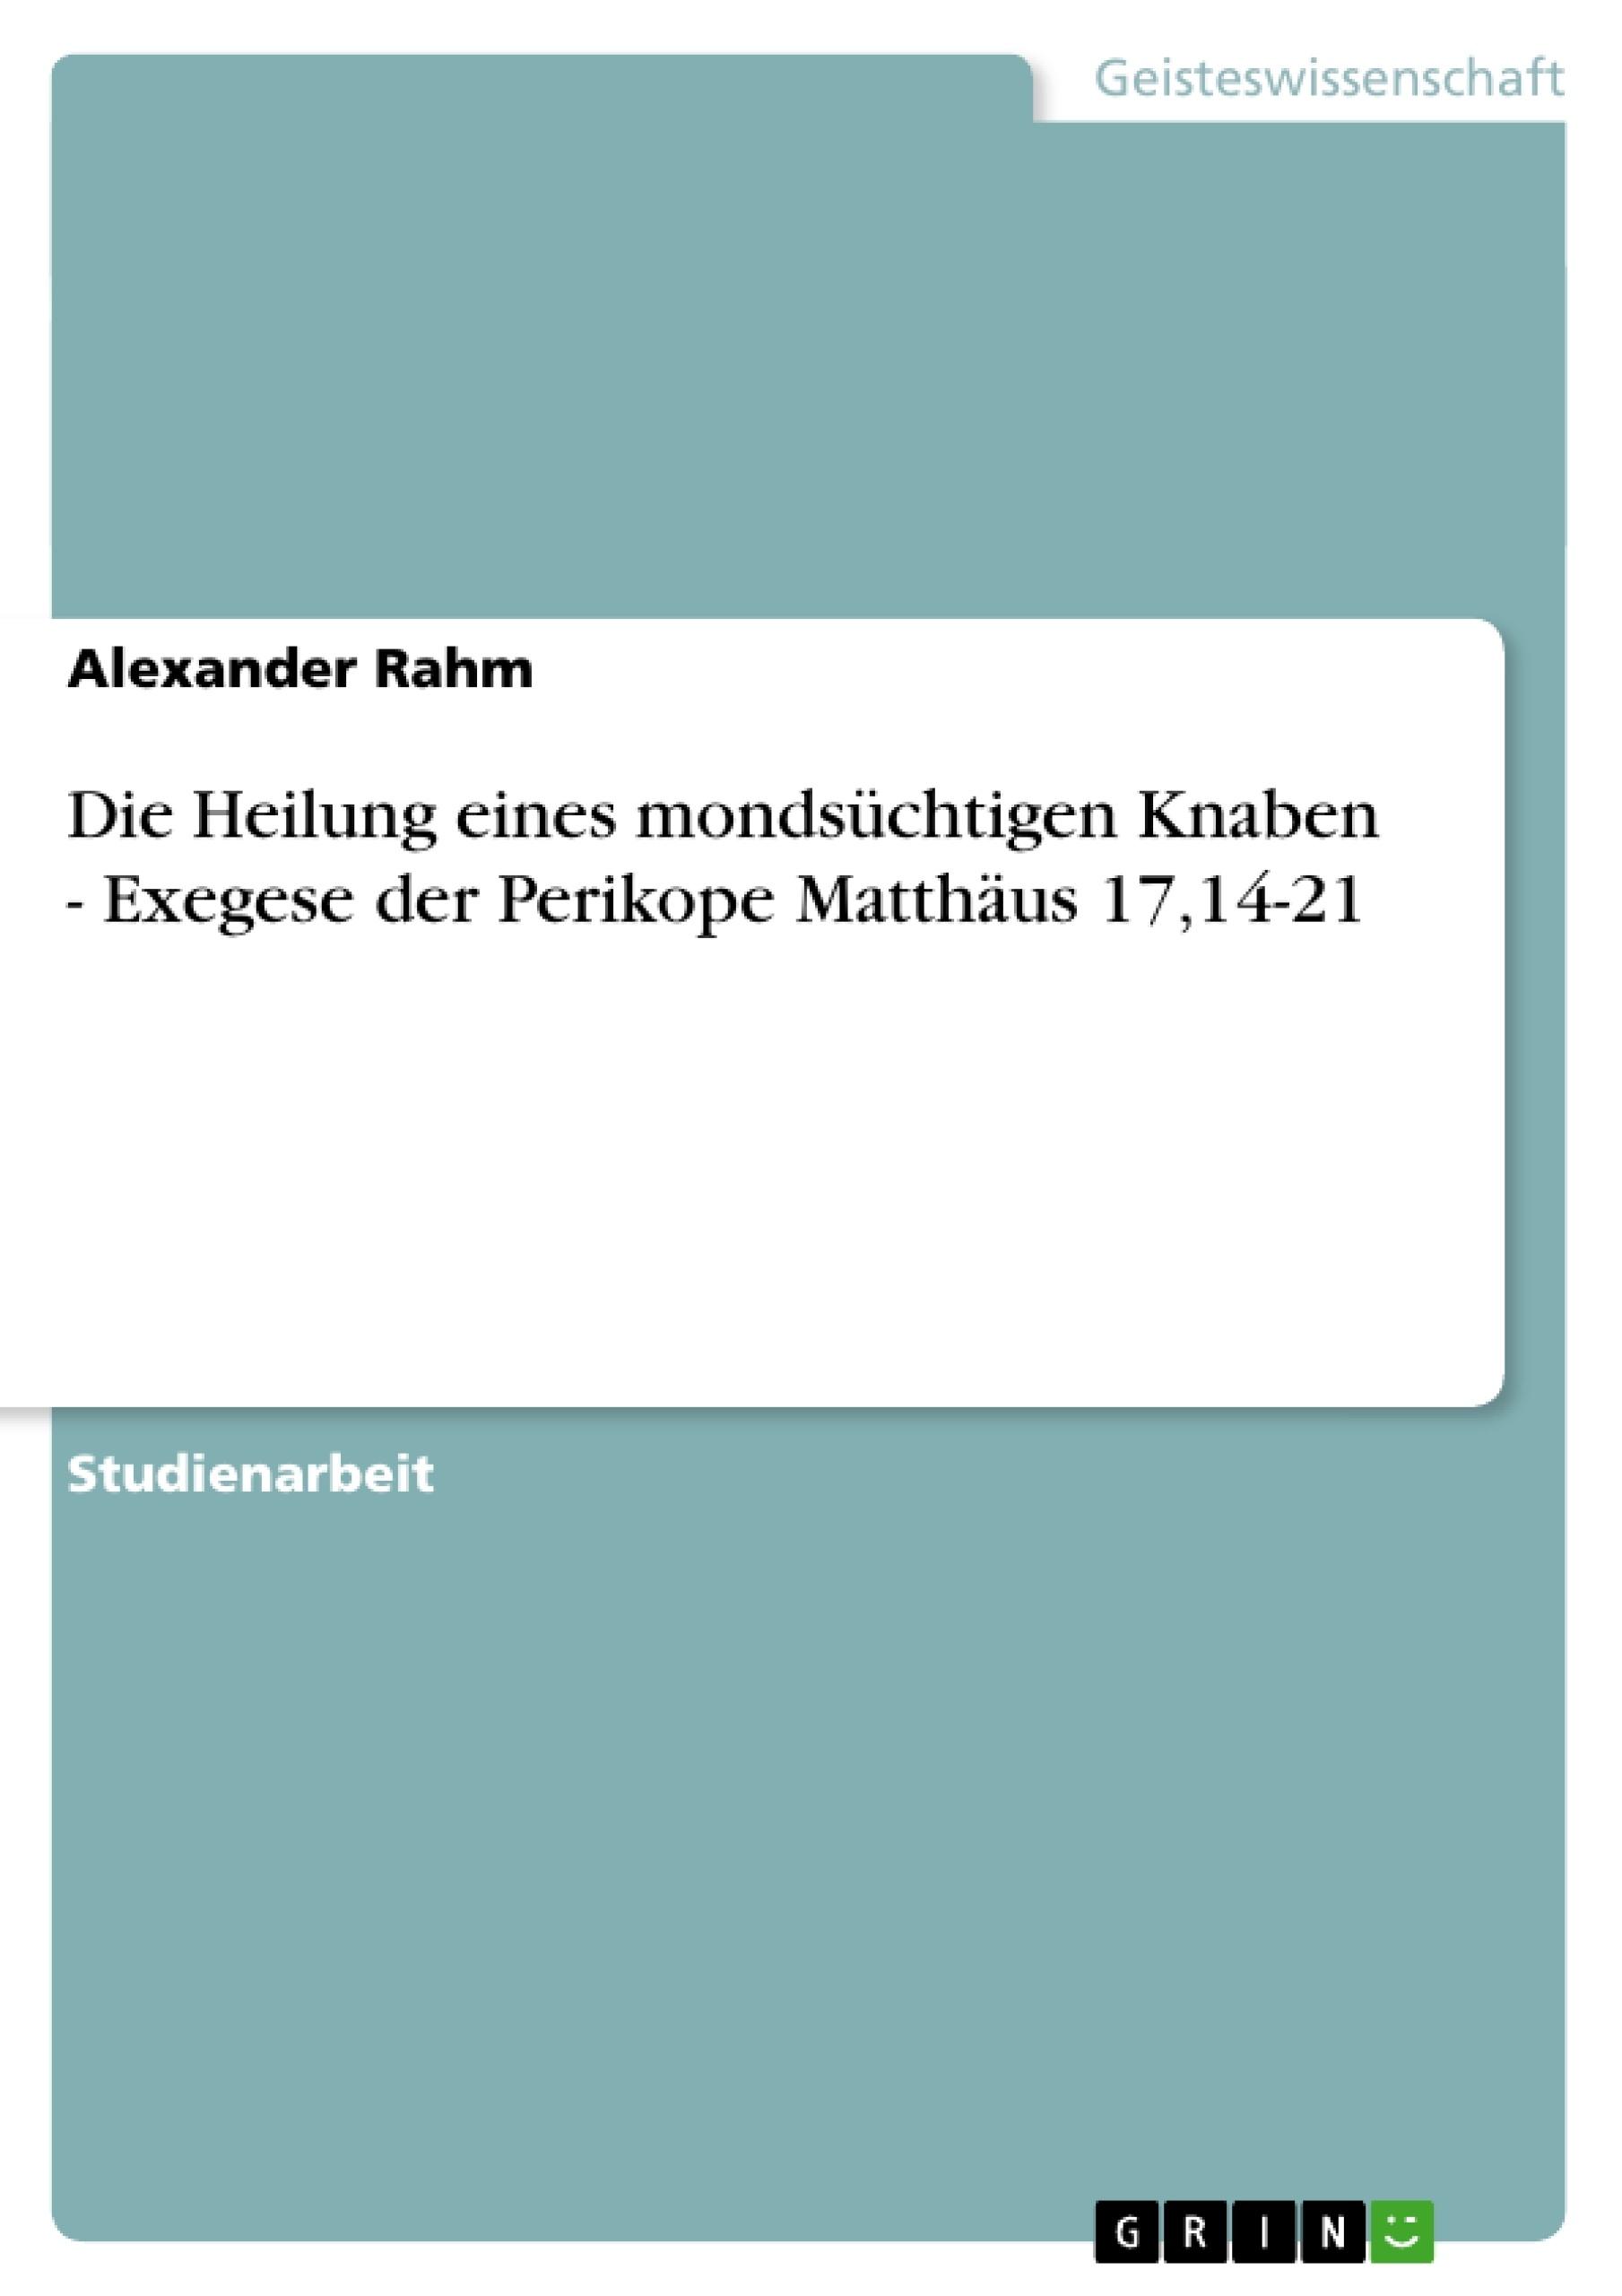 Titel: Die Heilung eines mondsüchtigen Knaben - Exegese der Perikope Matthäus 17,14-21